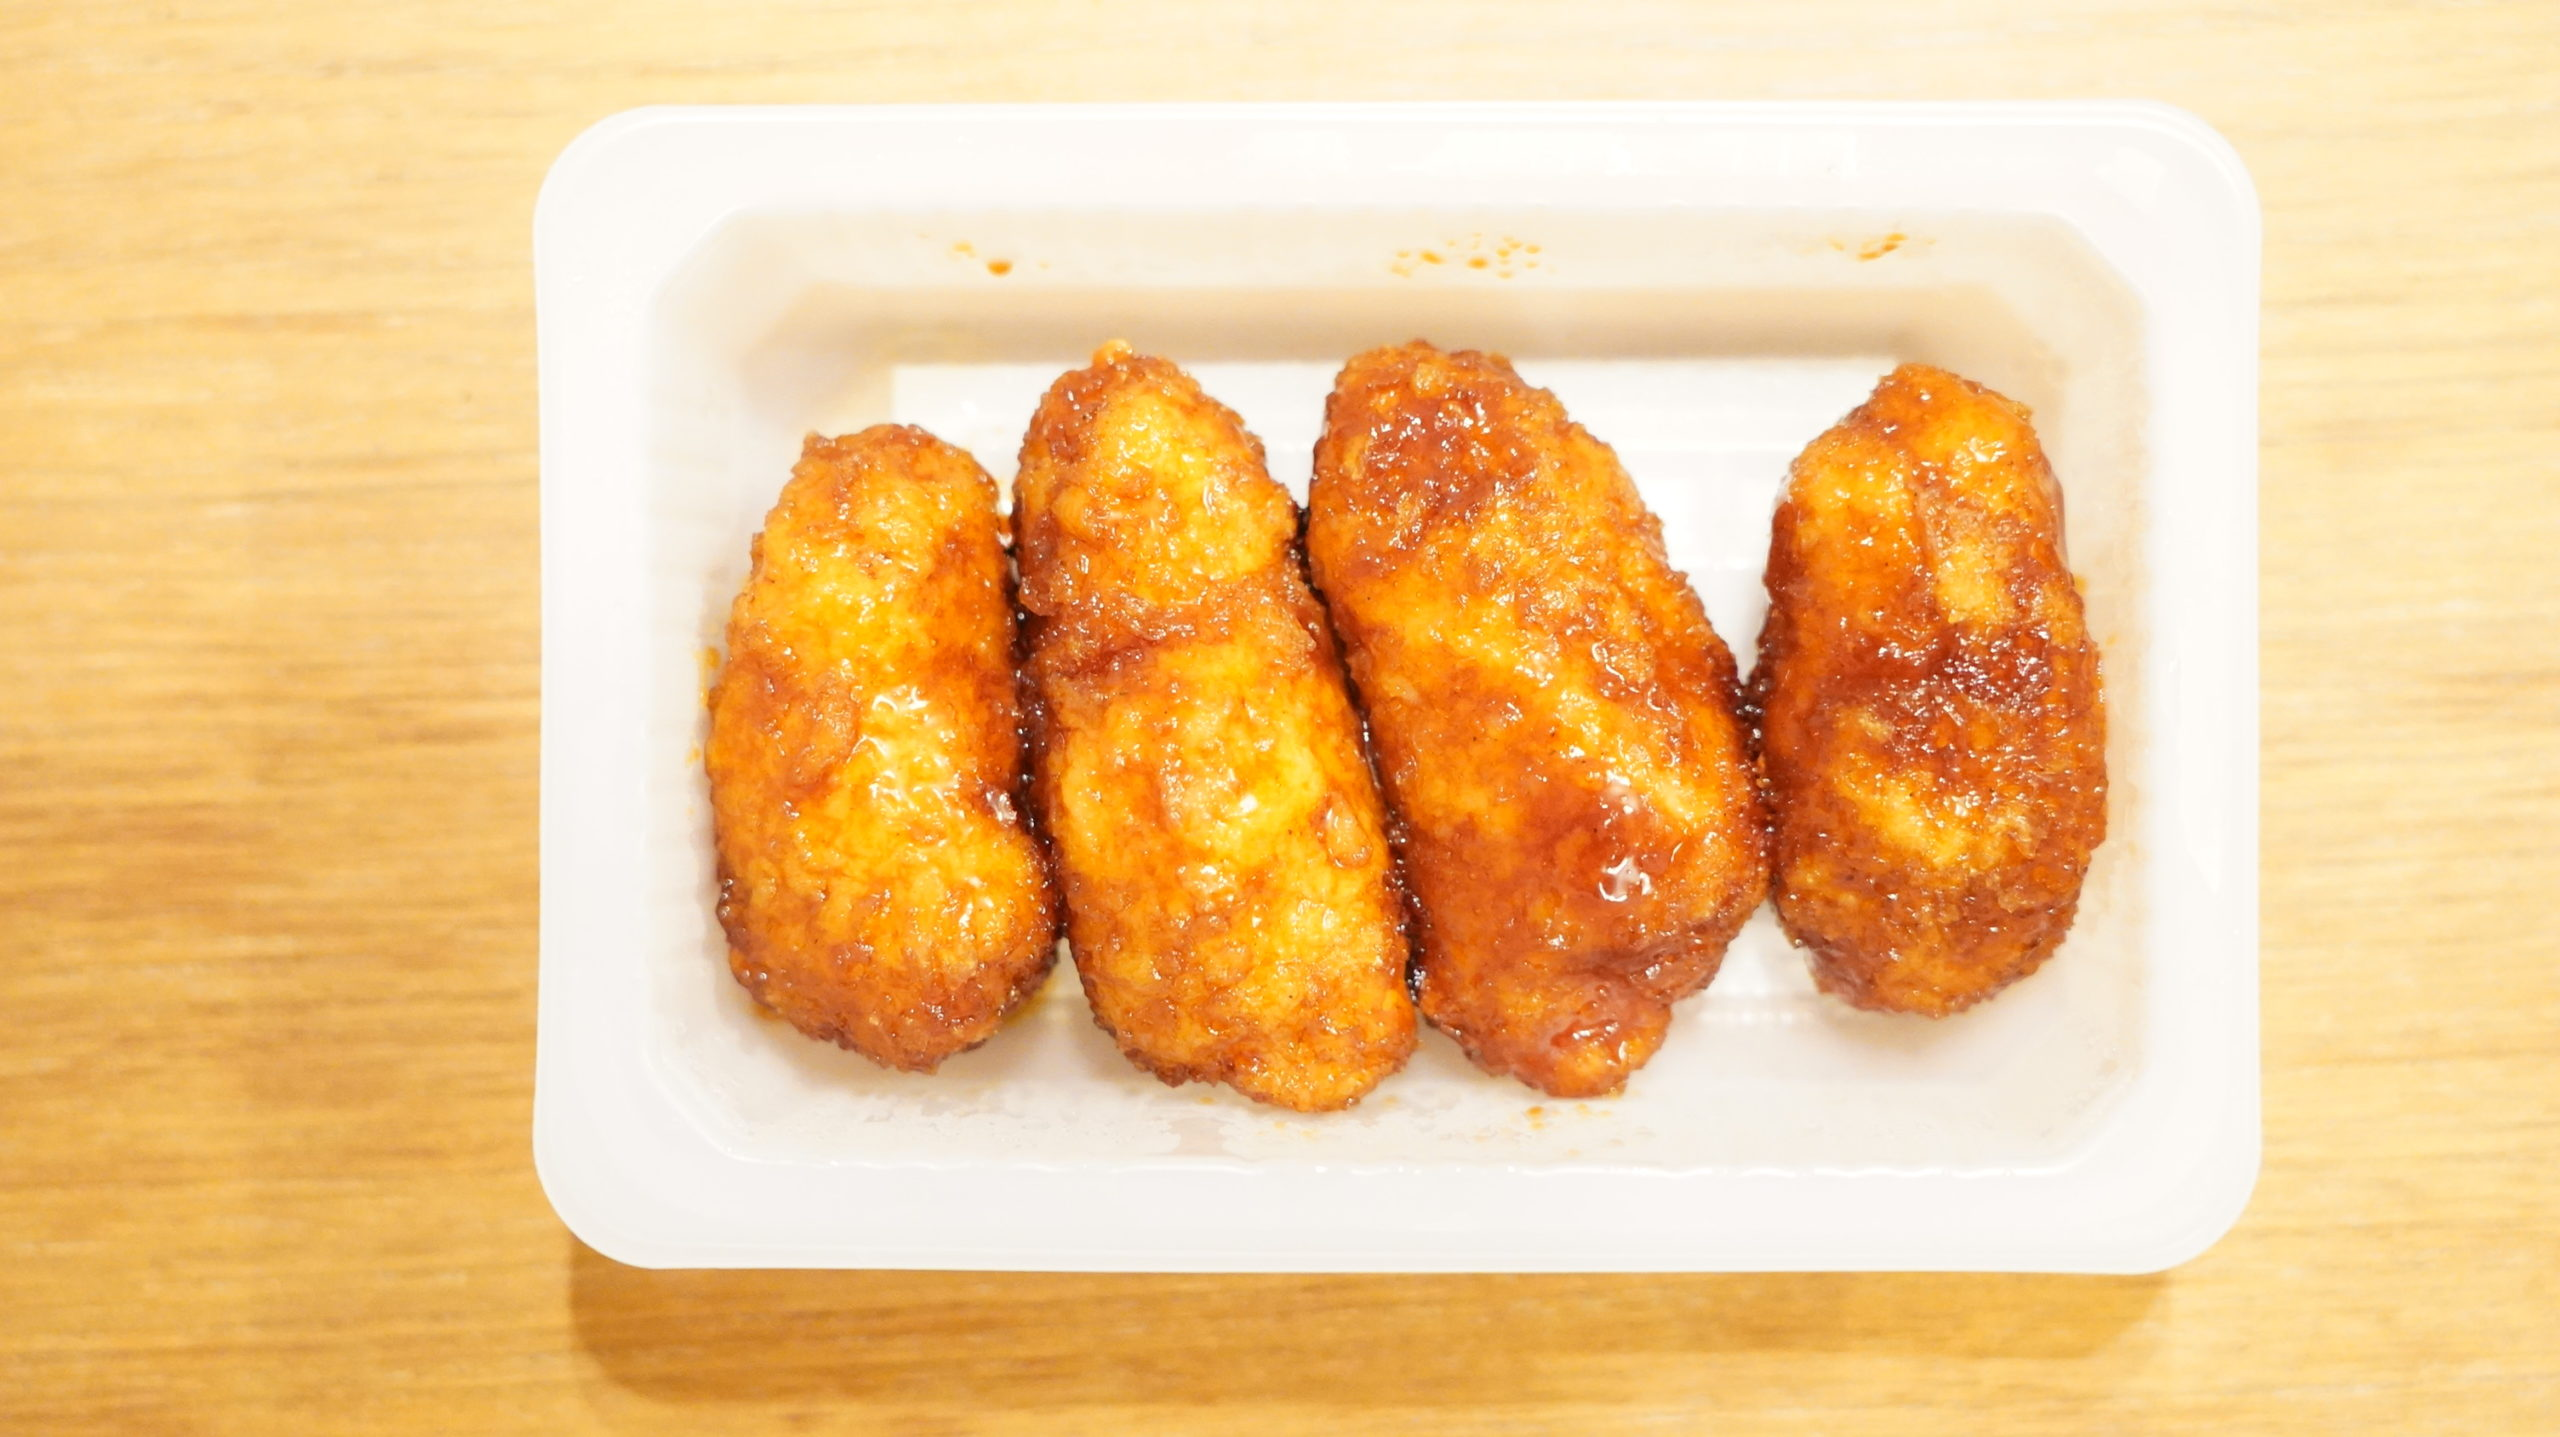 セブンイレブンの冷凍食品「大葉香る・ささみチーズカツ」の中身の写真